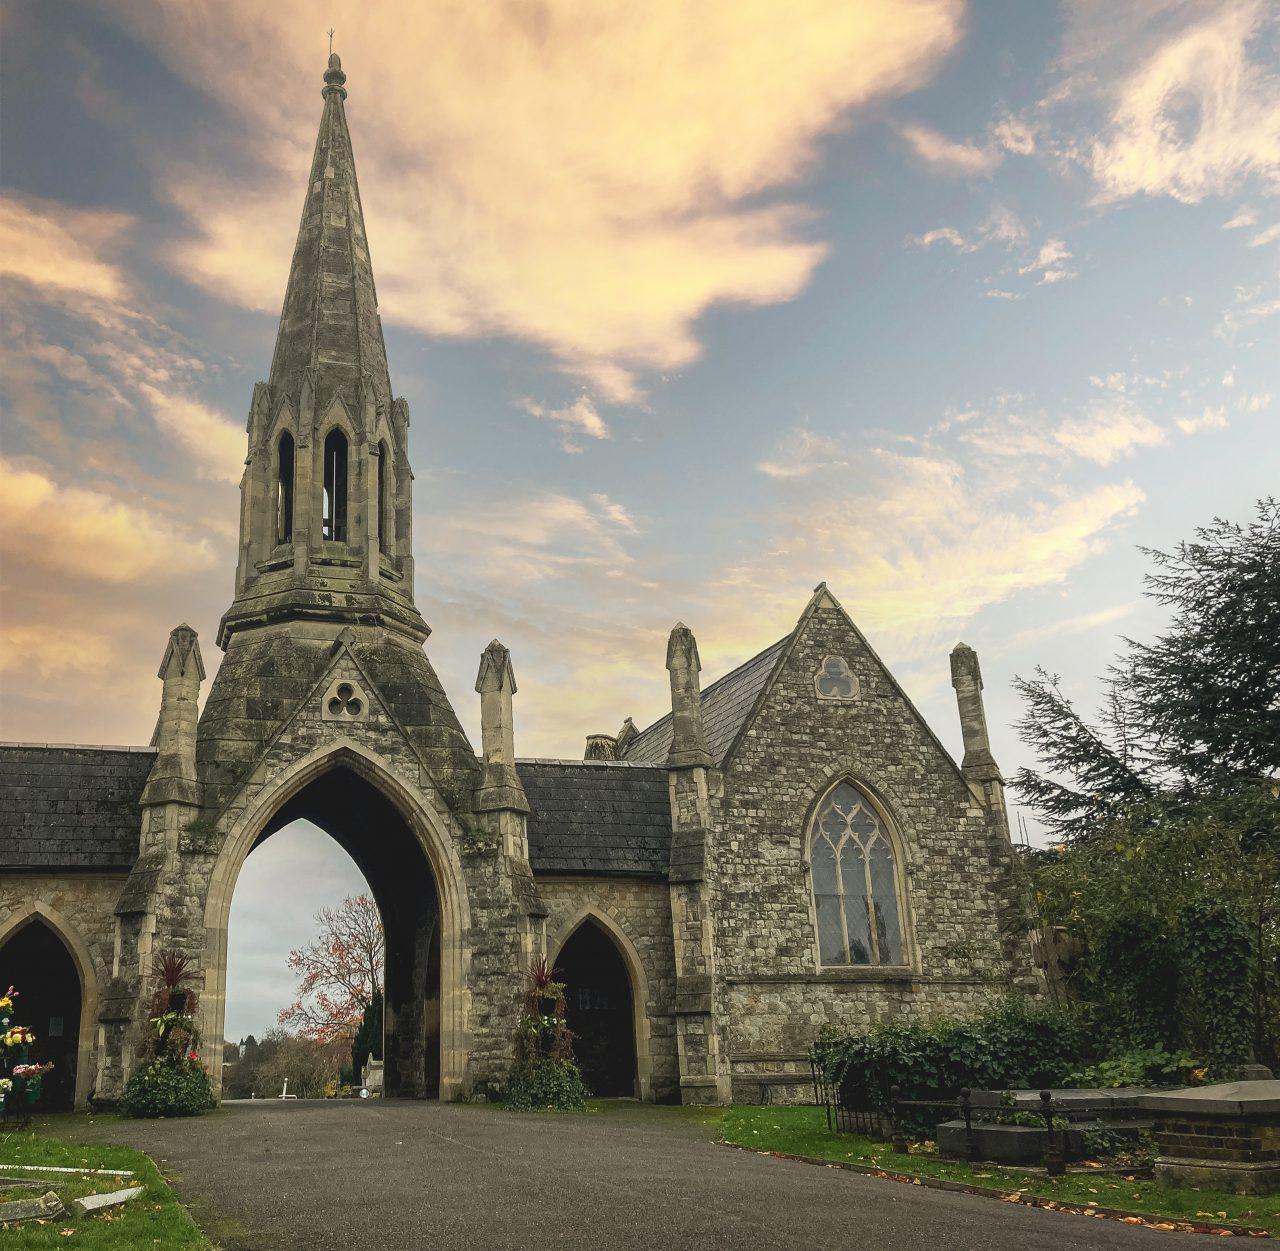 Kingston crematorium